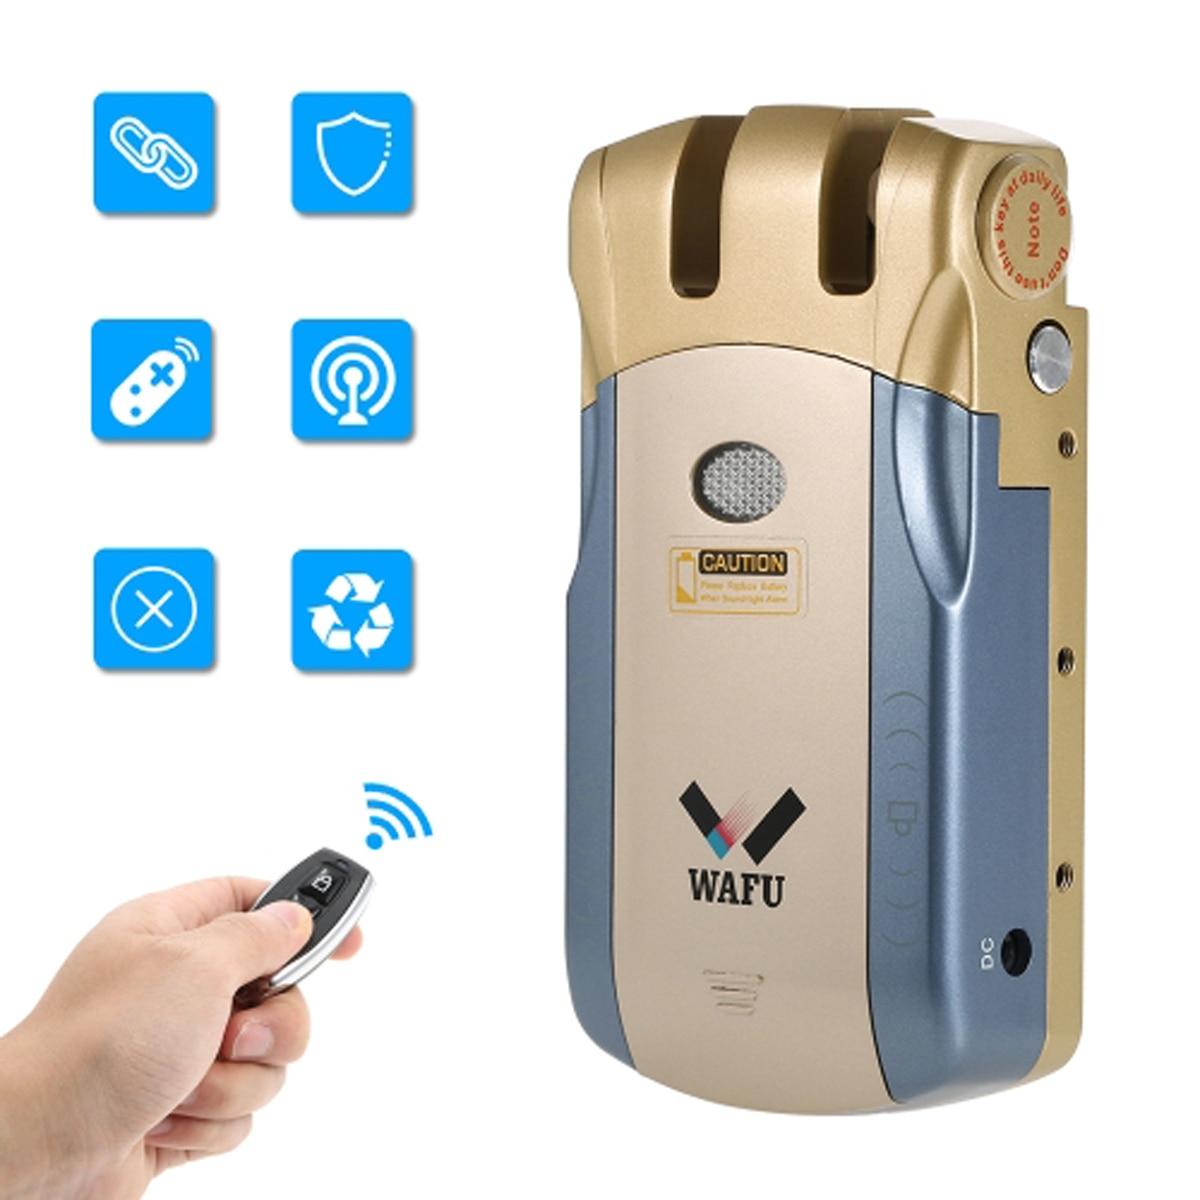 Serrure de porte télécommandée serrure sans fil serrure antivol Intelligence automatique ménage pour appartement à la maison